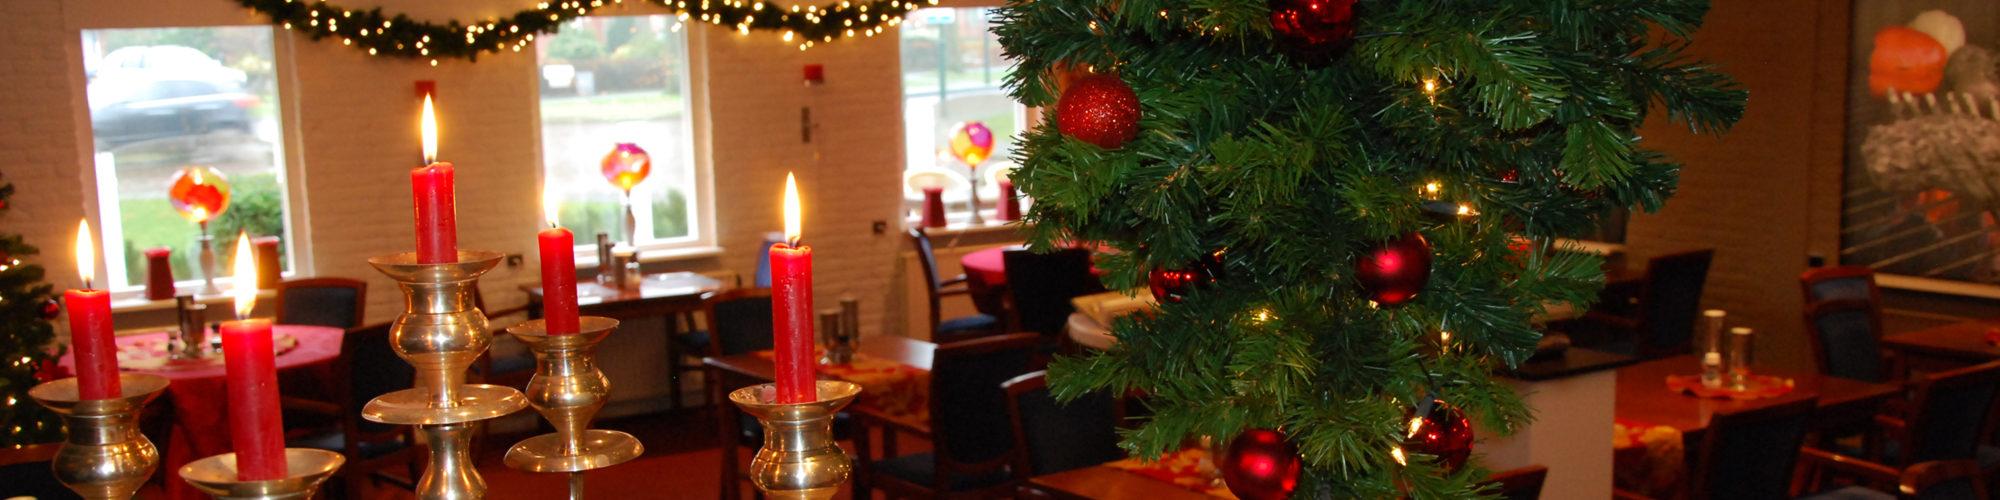 Kerst bij Els